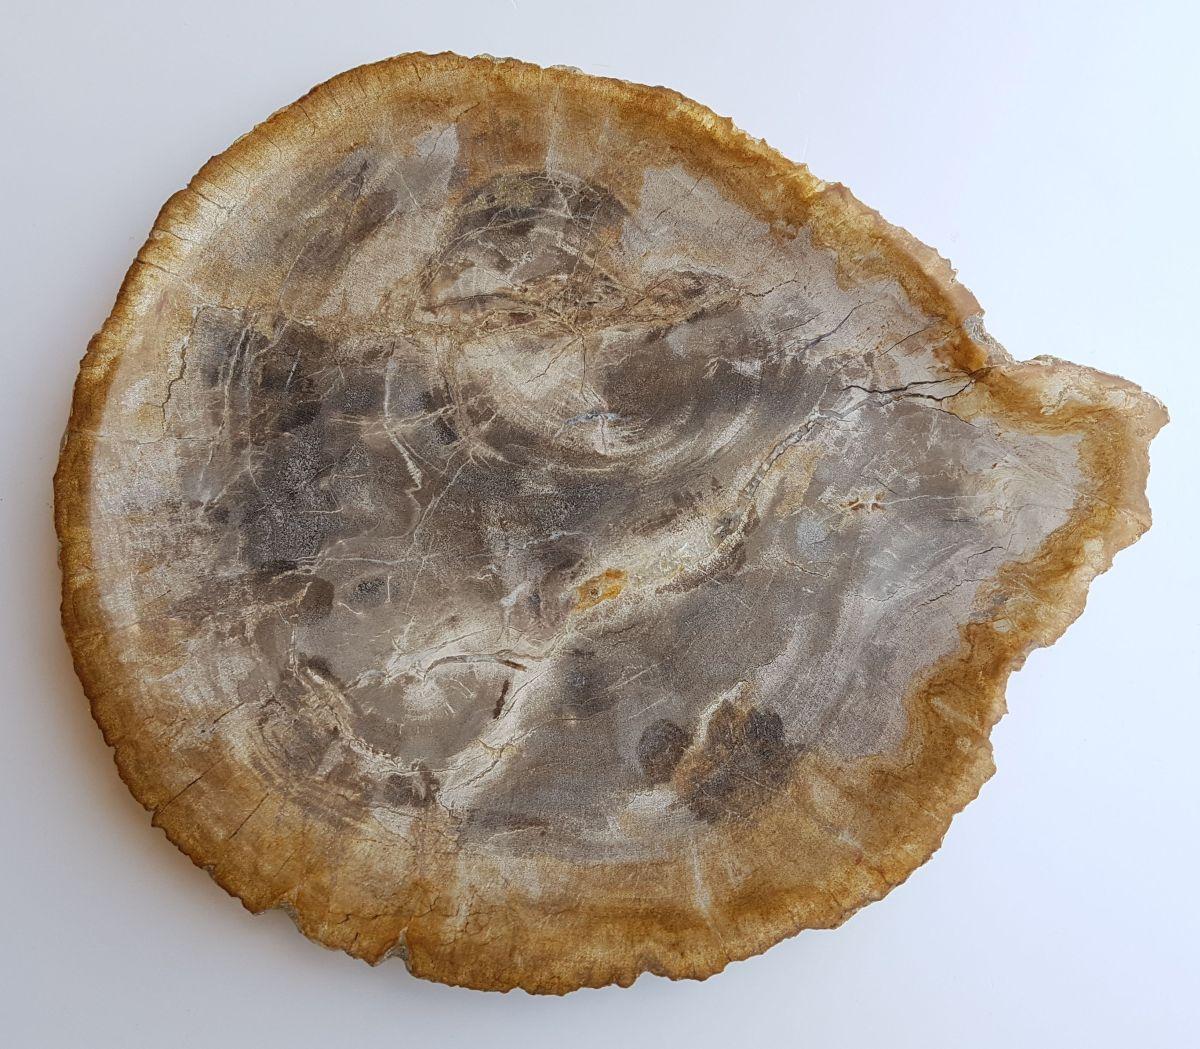 Plate petrified wood 33008d